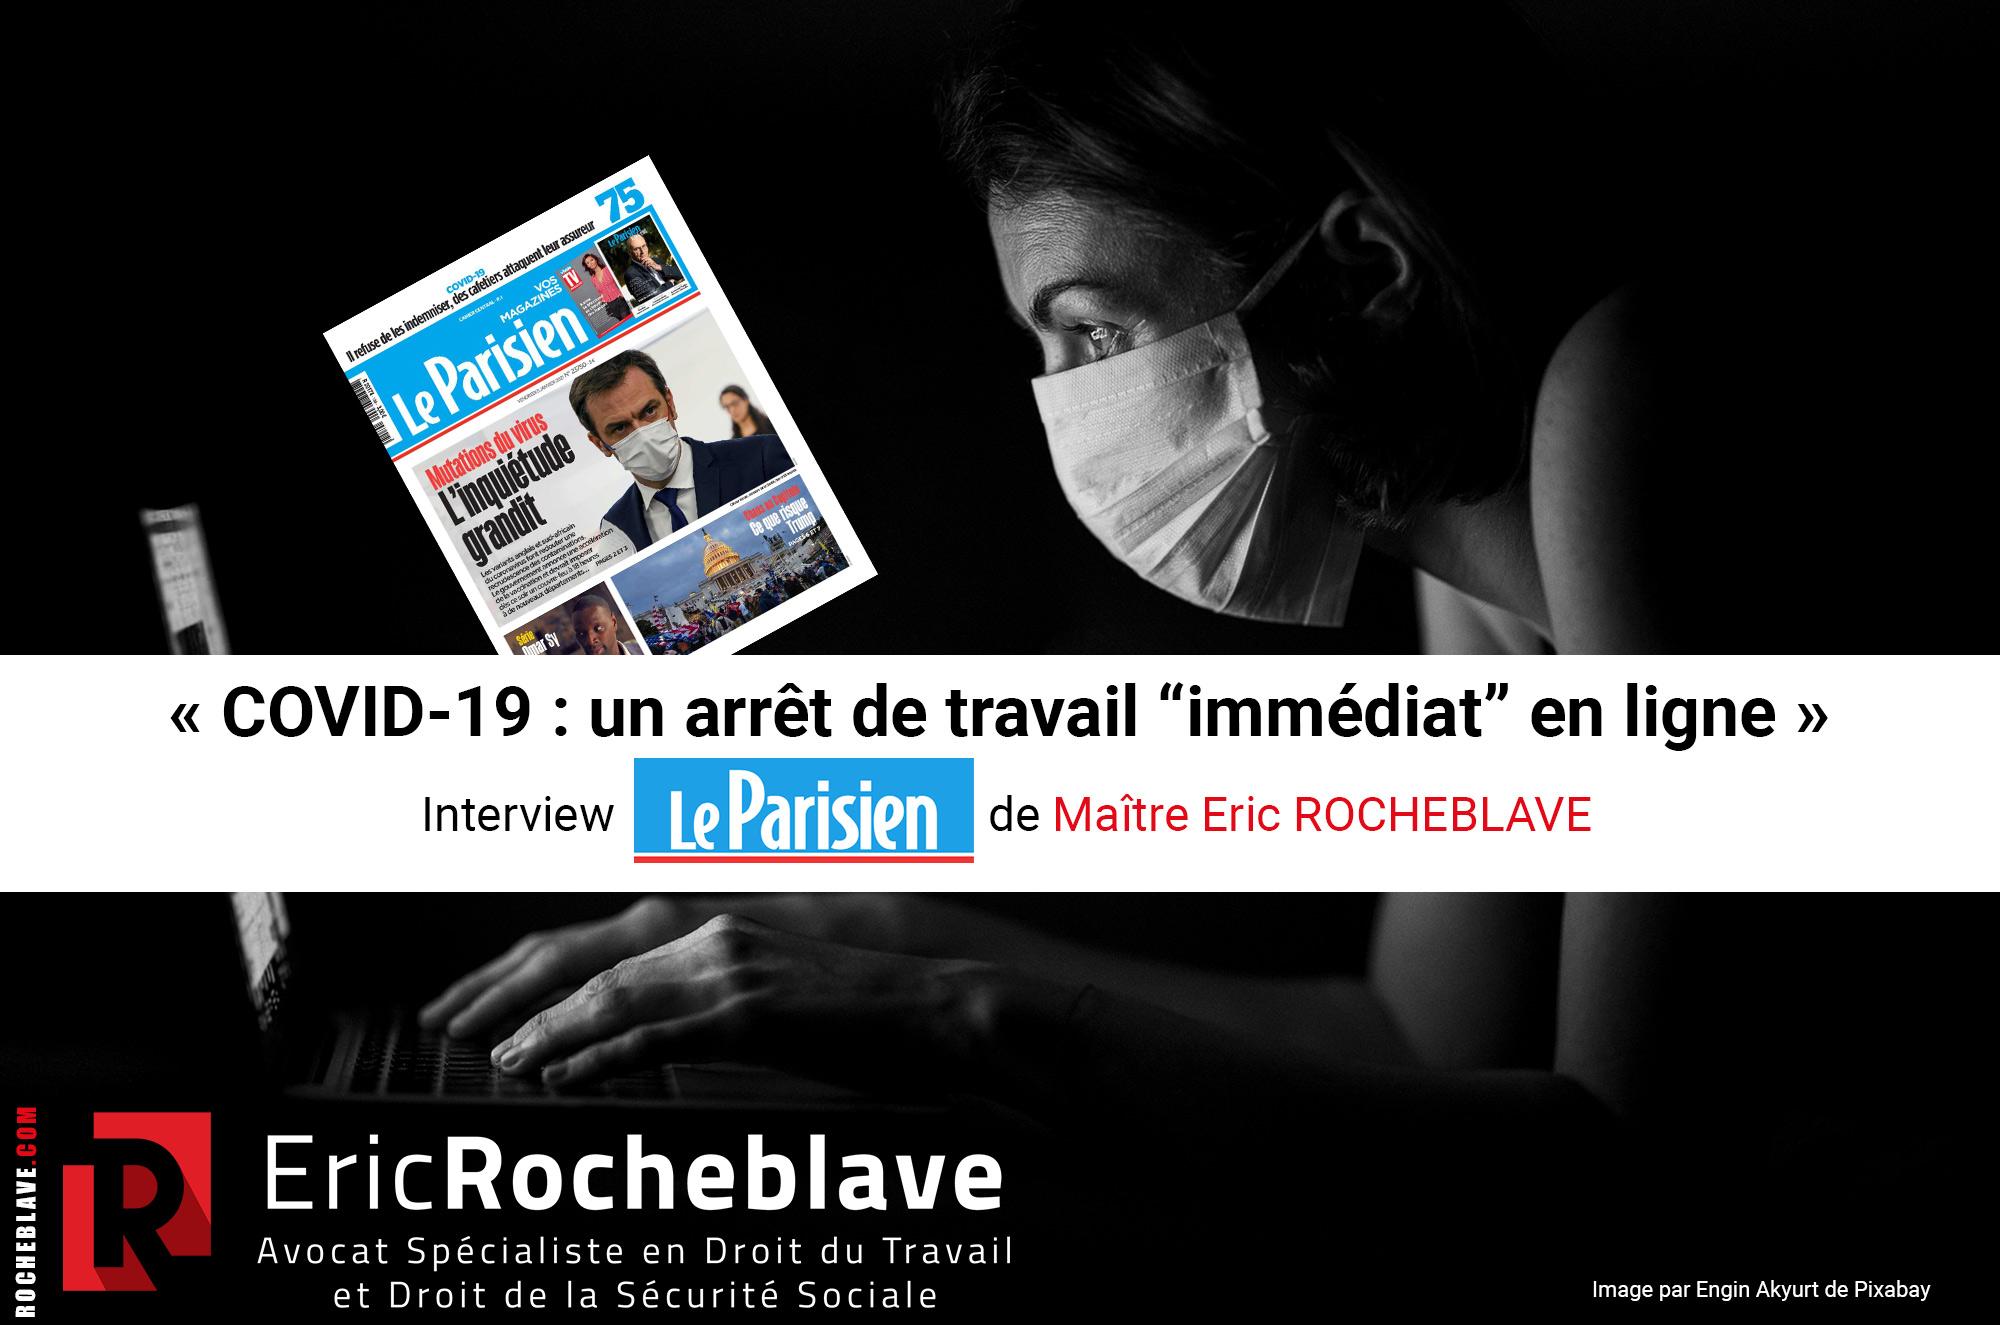 """« COVID-19 : un arrêt de travail """"immédiat"""" en ligne » Interview Le Parisien de Maître Eric ROCHEBLAVE"""